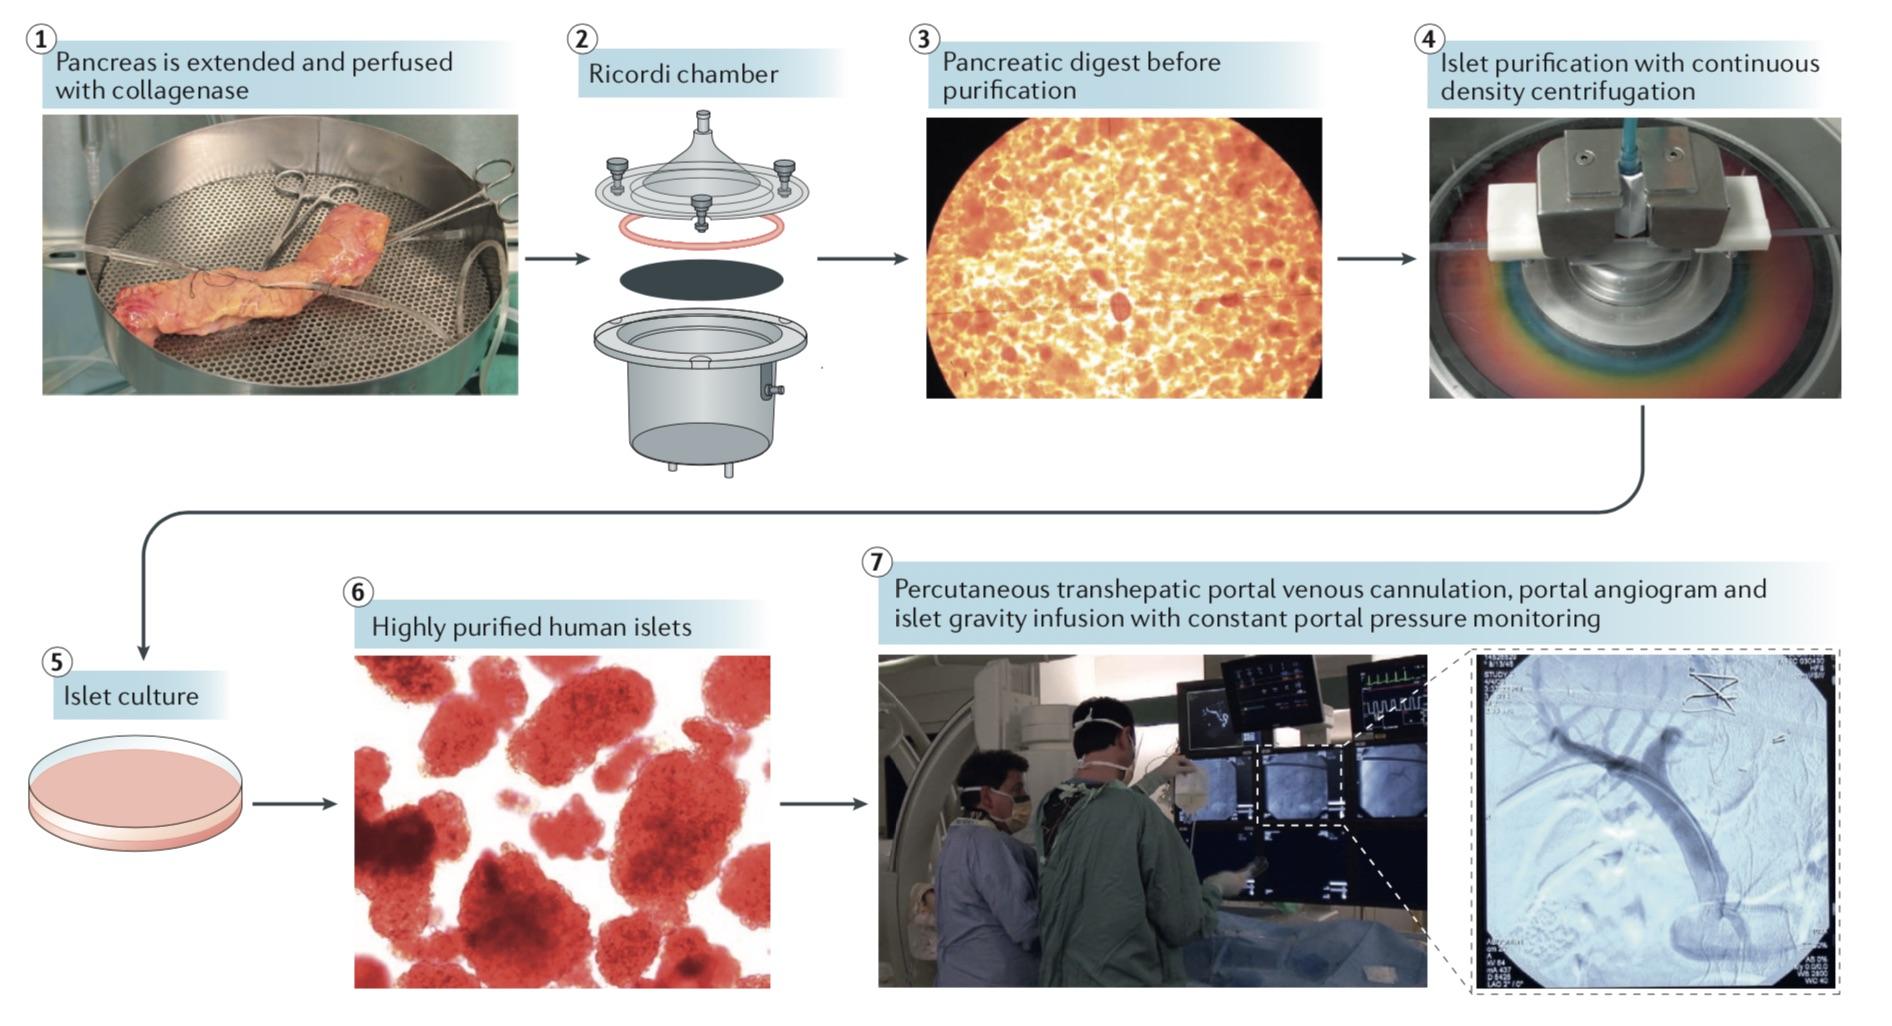 胰島分離至胰島移植全流程概圖。圖片來源:James Shapiro等人論文